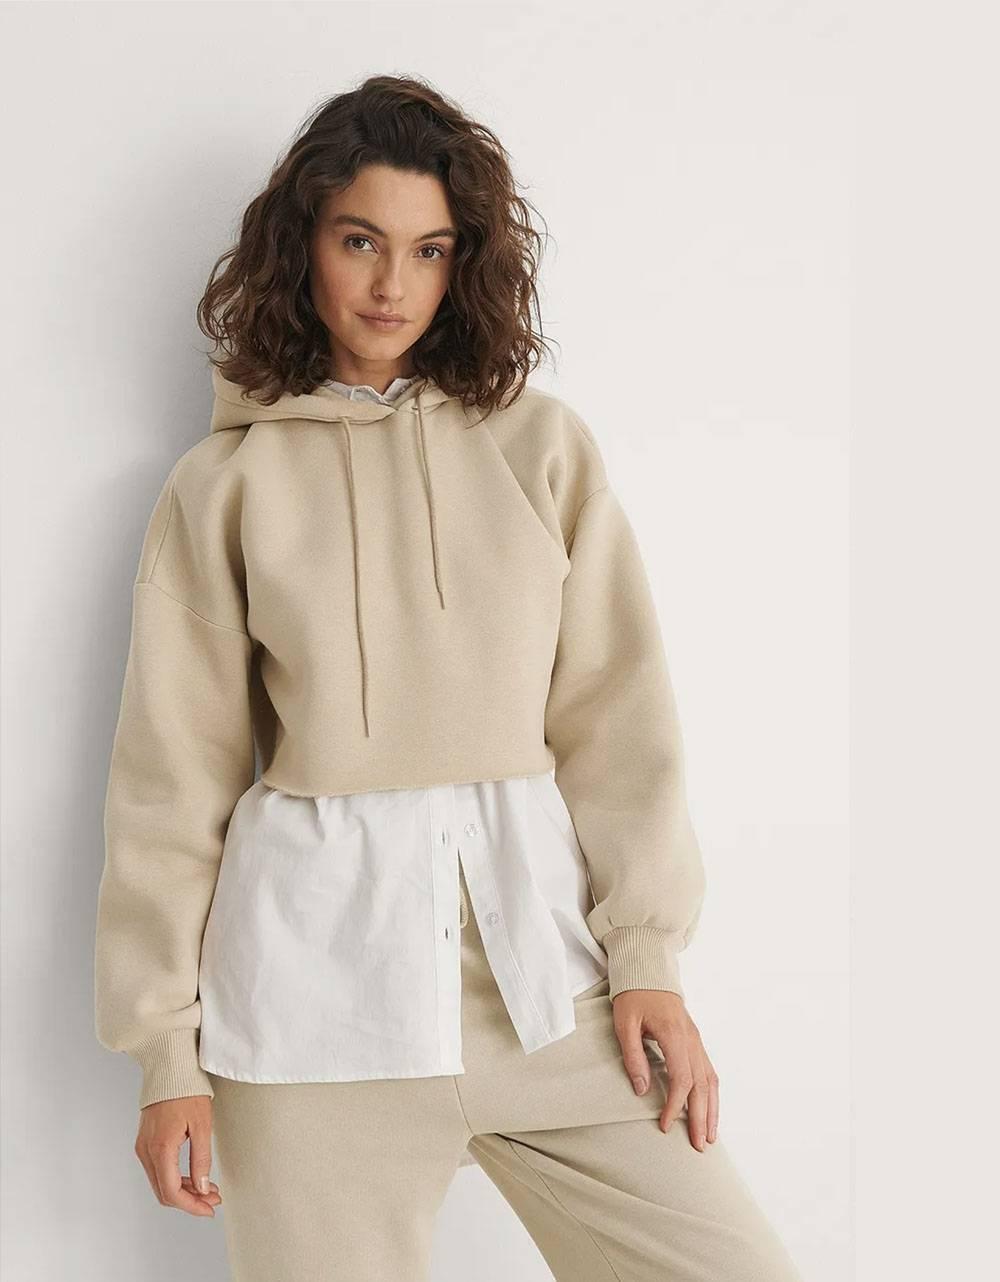 NA-KD organic raw edge hoodie - beige NA-KD Sweater 42,00€